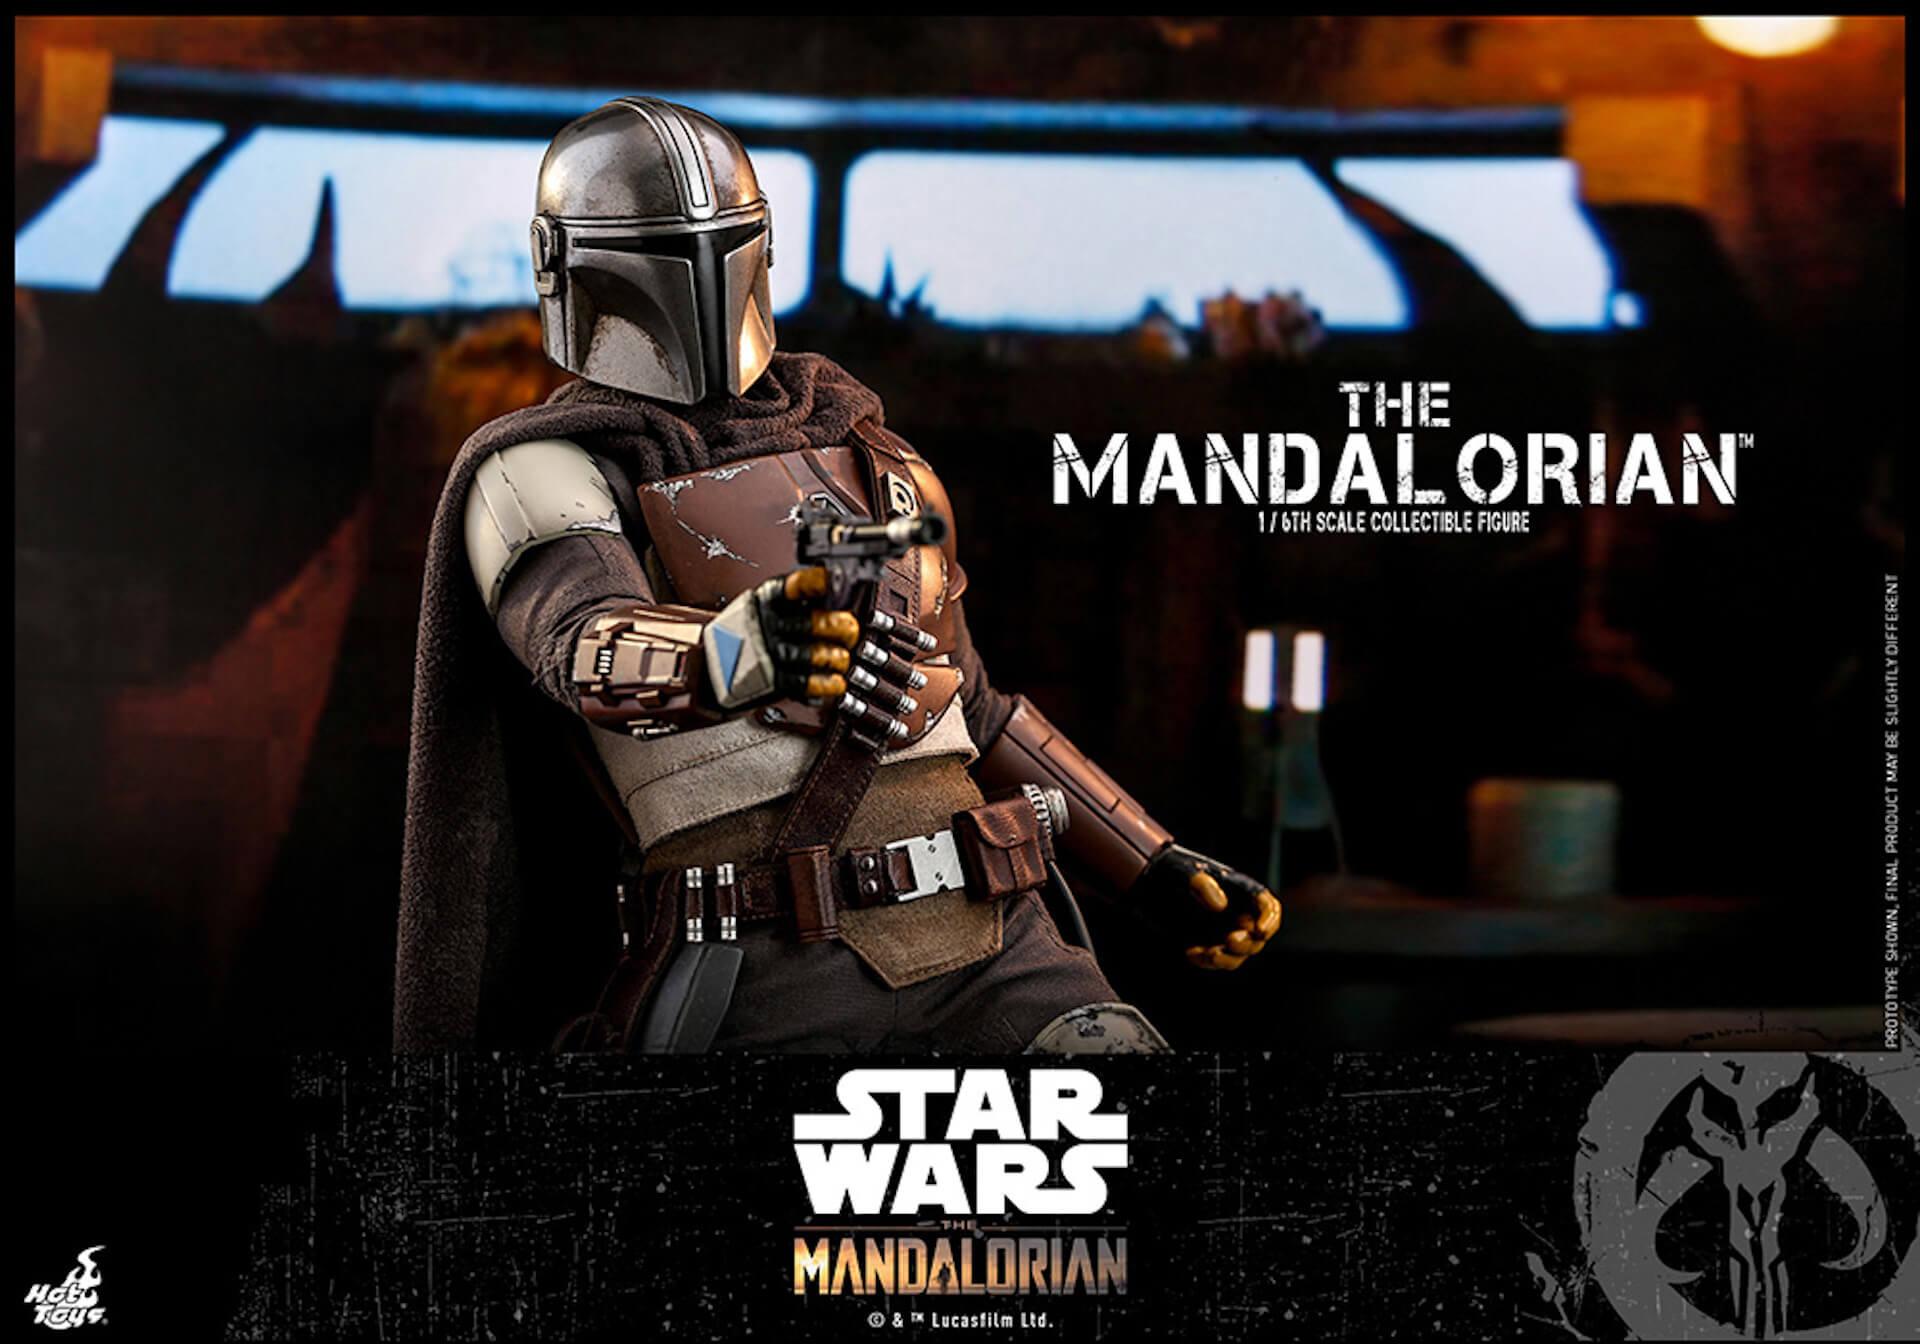 「スター・ウォーズ」テレビシリーズ『ザ・マンダロリアン』からマンダロリアン&IG-11のフィギュアがホットトイズに登場! art191010_starwars_toys_9